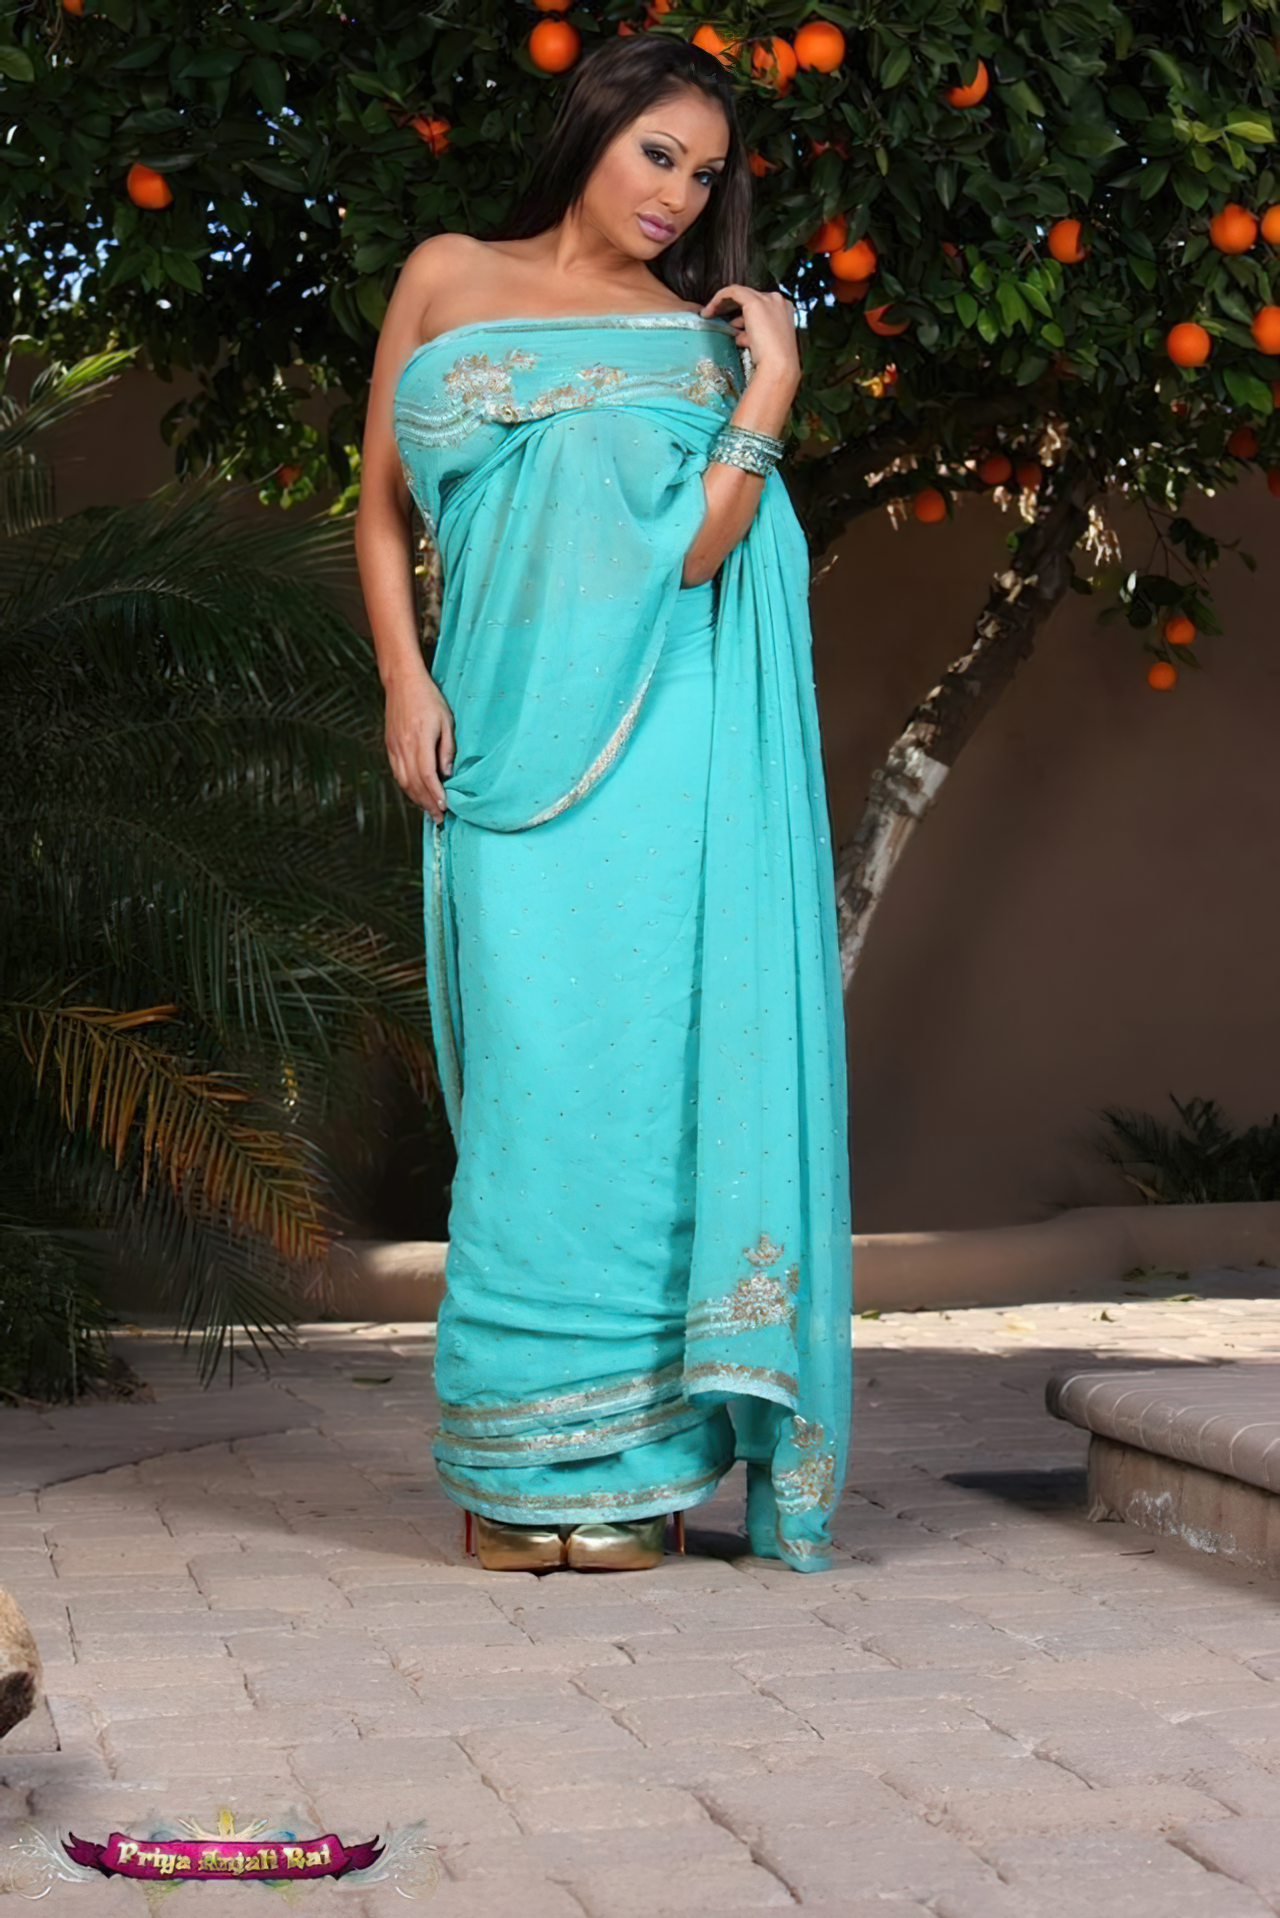 Sedutora Priya Rai (1)